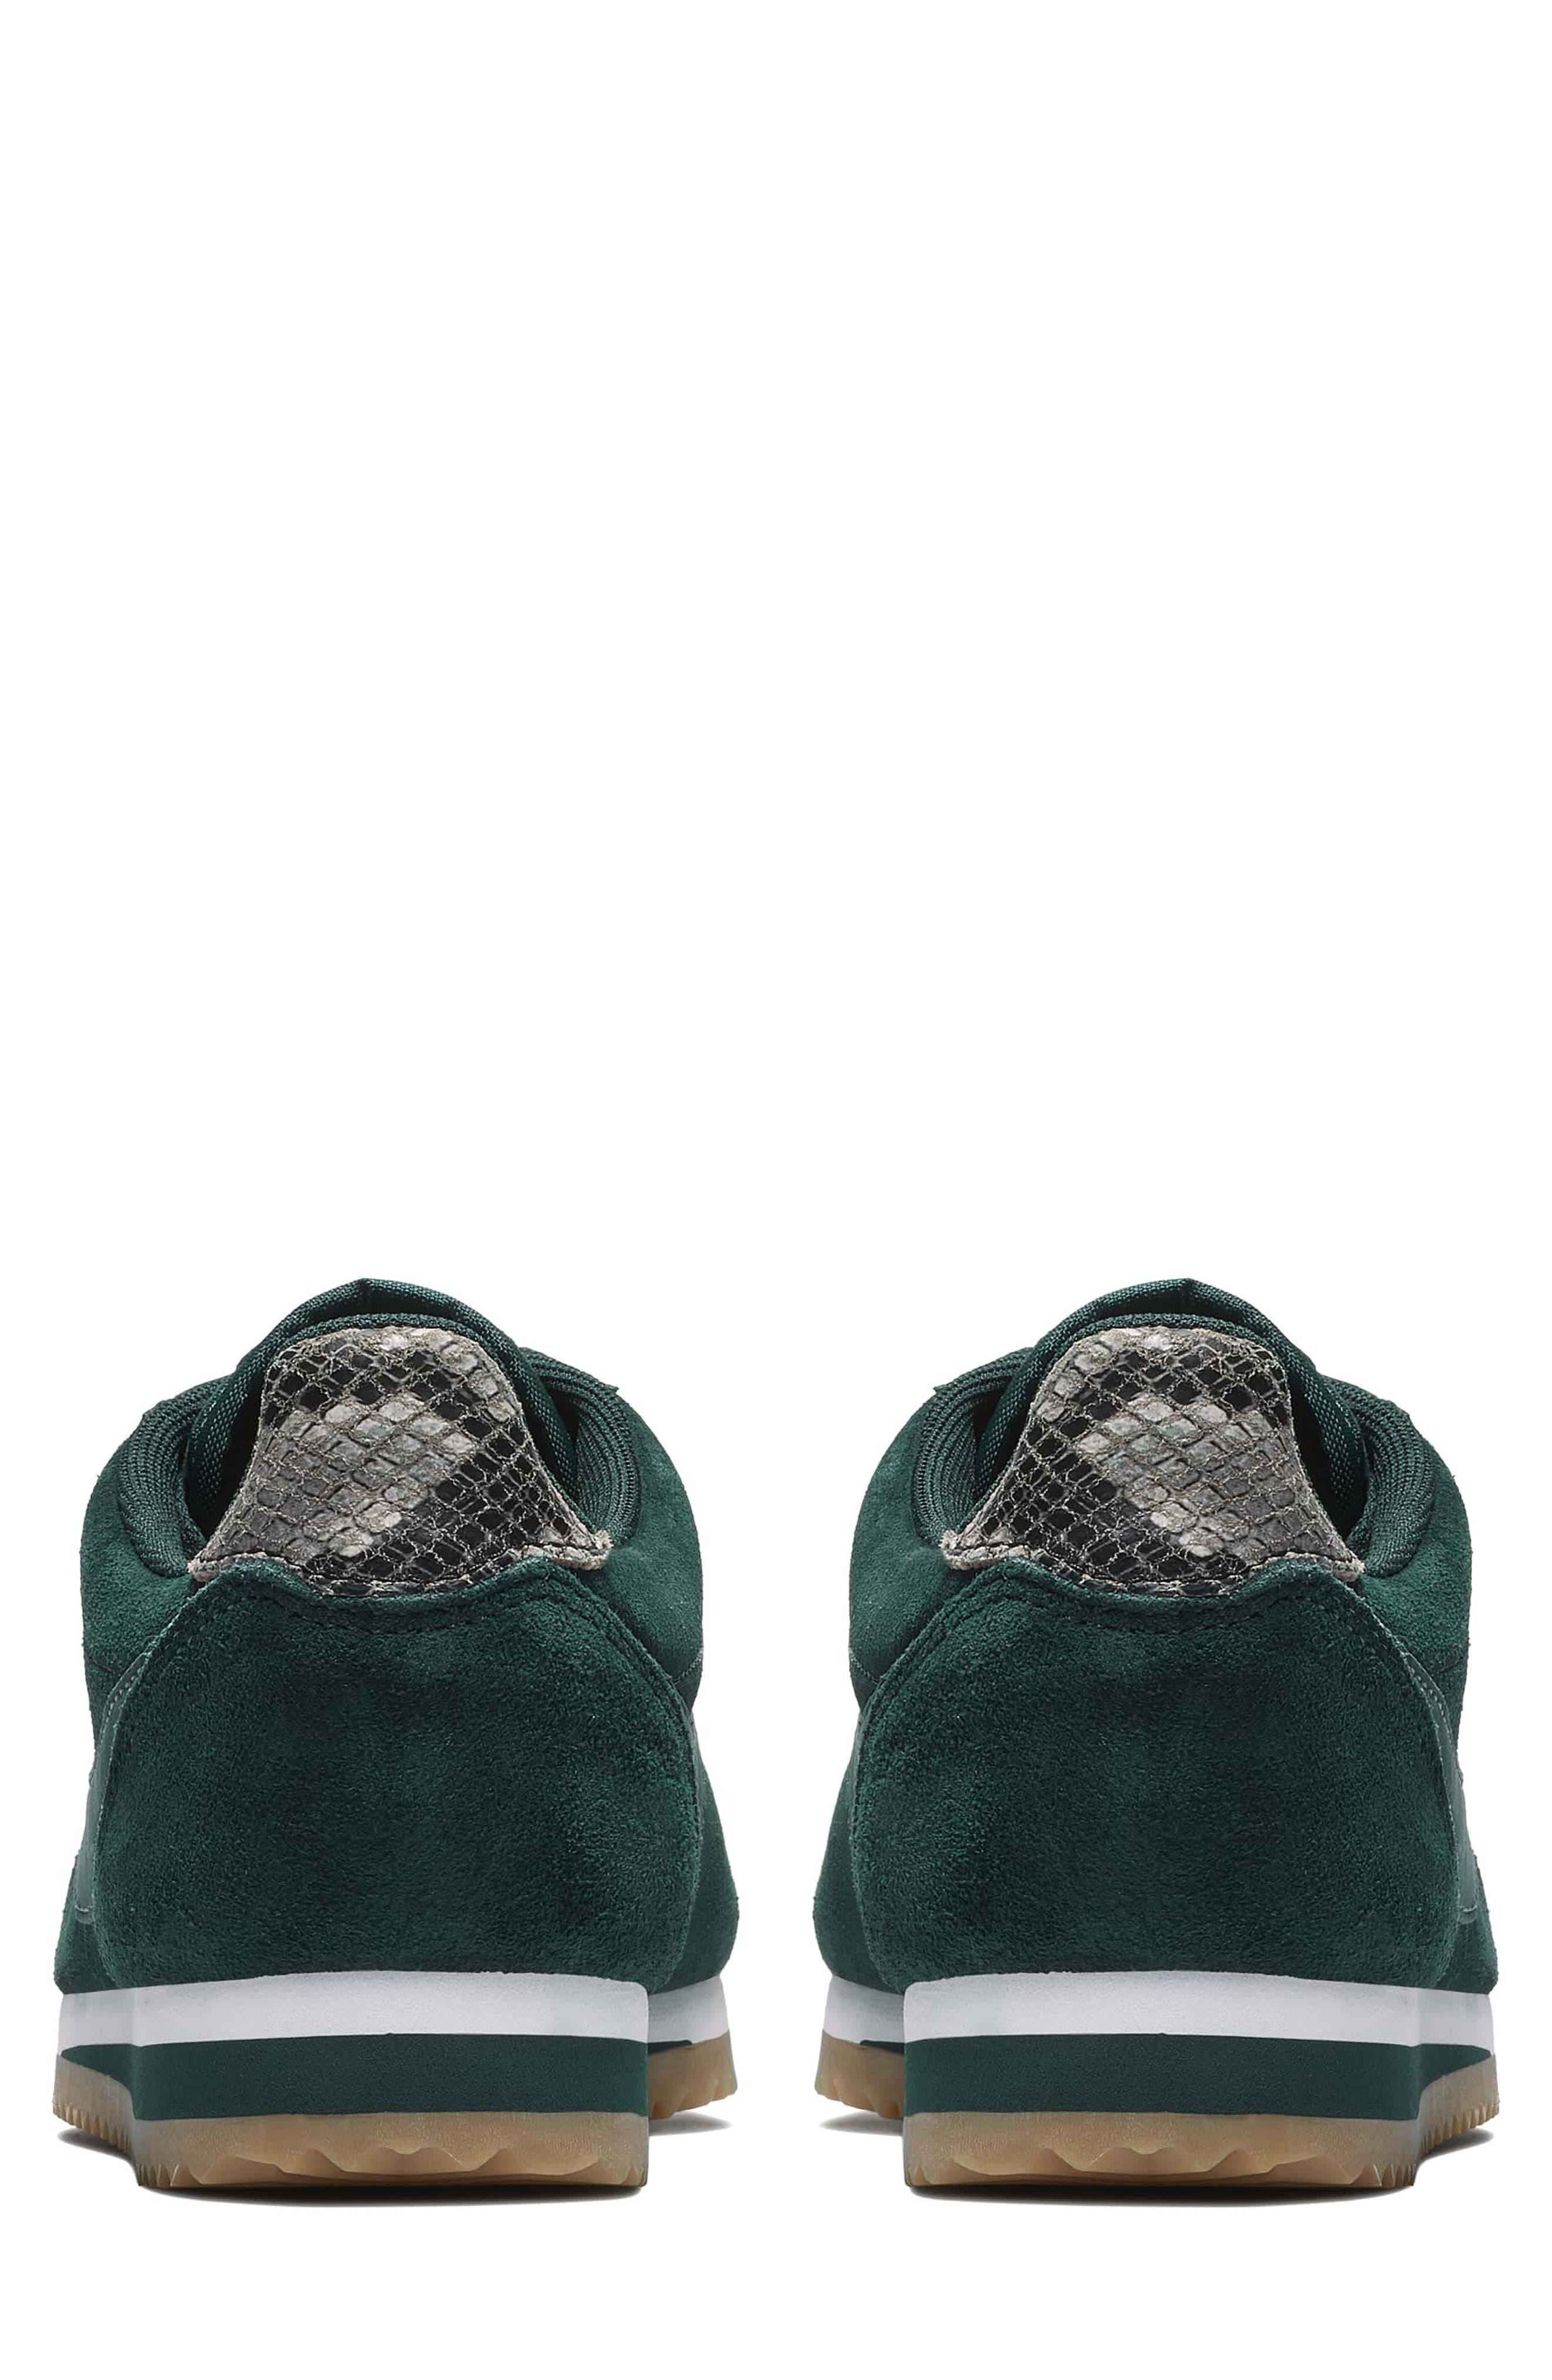 x A.L.C. Classic Cortez Sneaker,                             Alternate thumbnail 10, color,